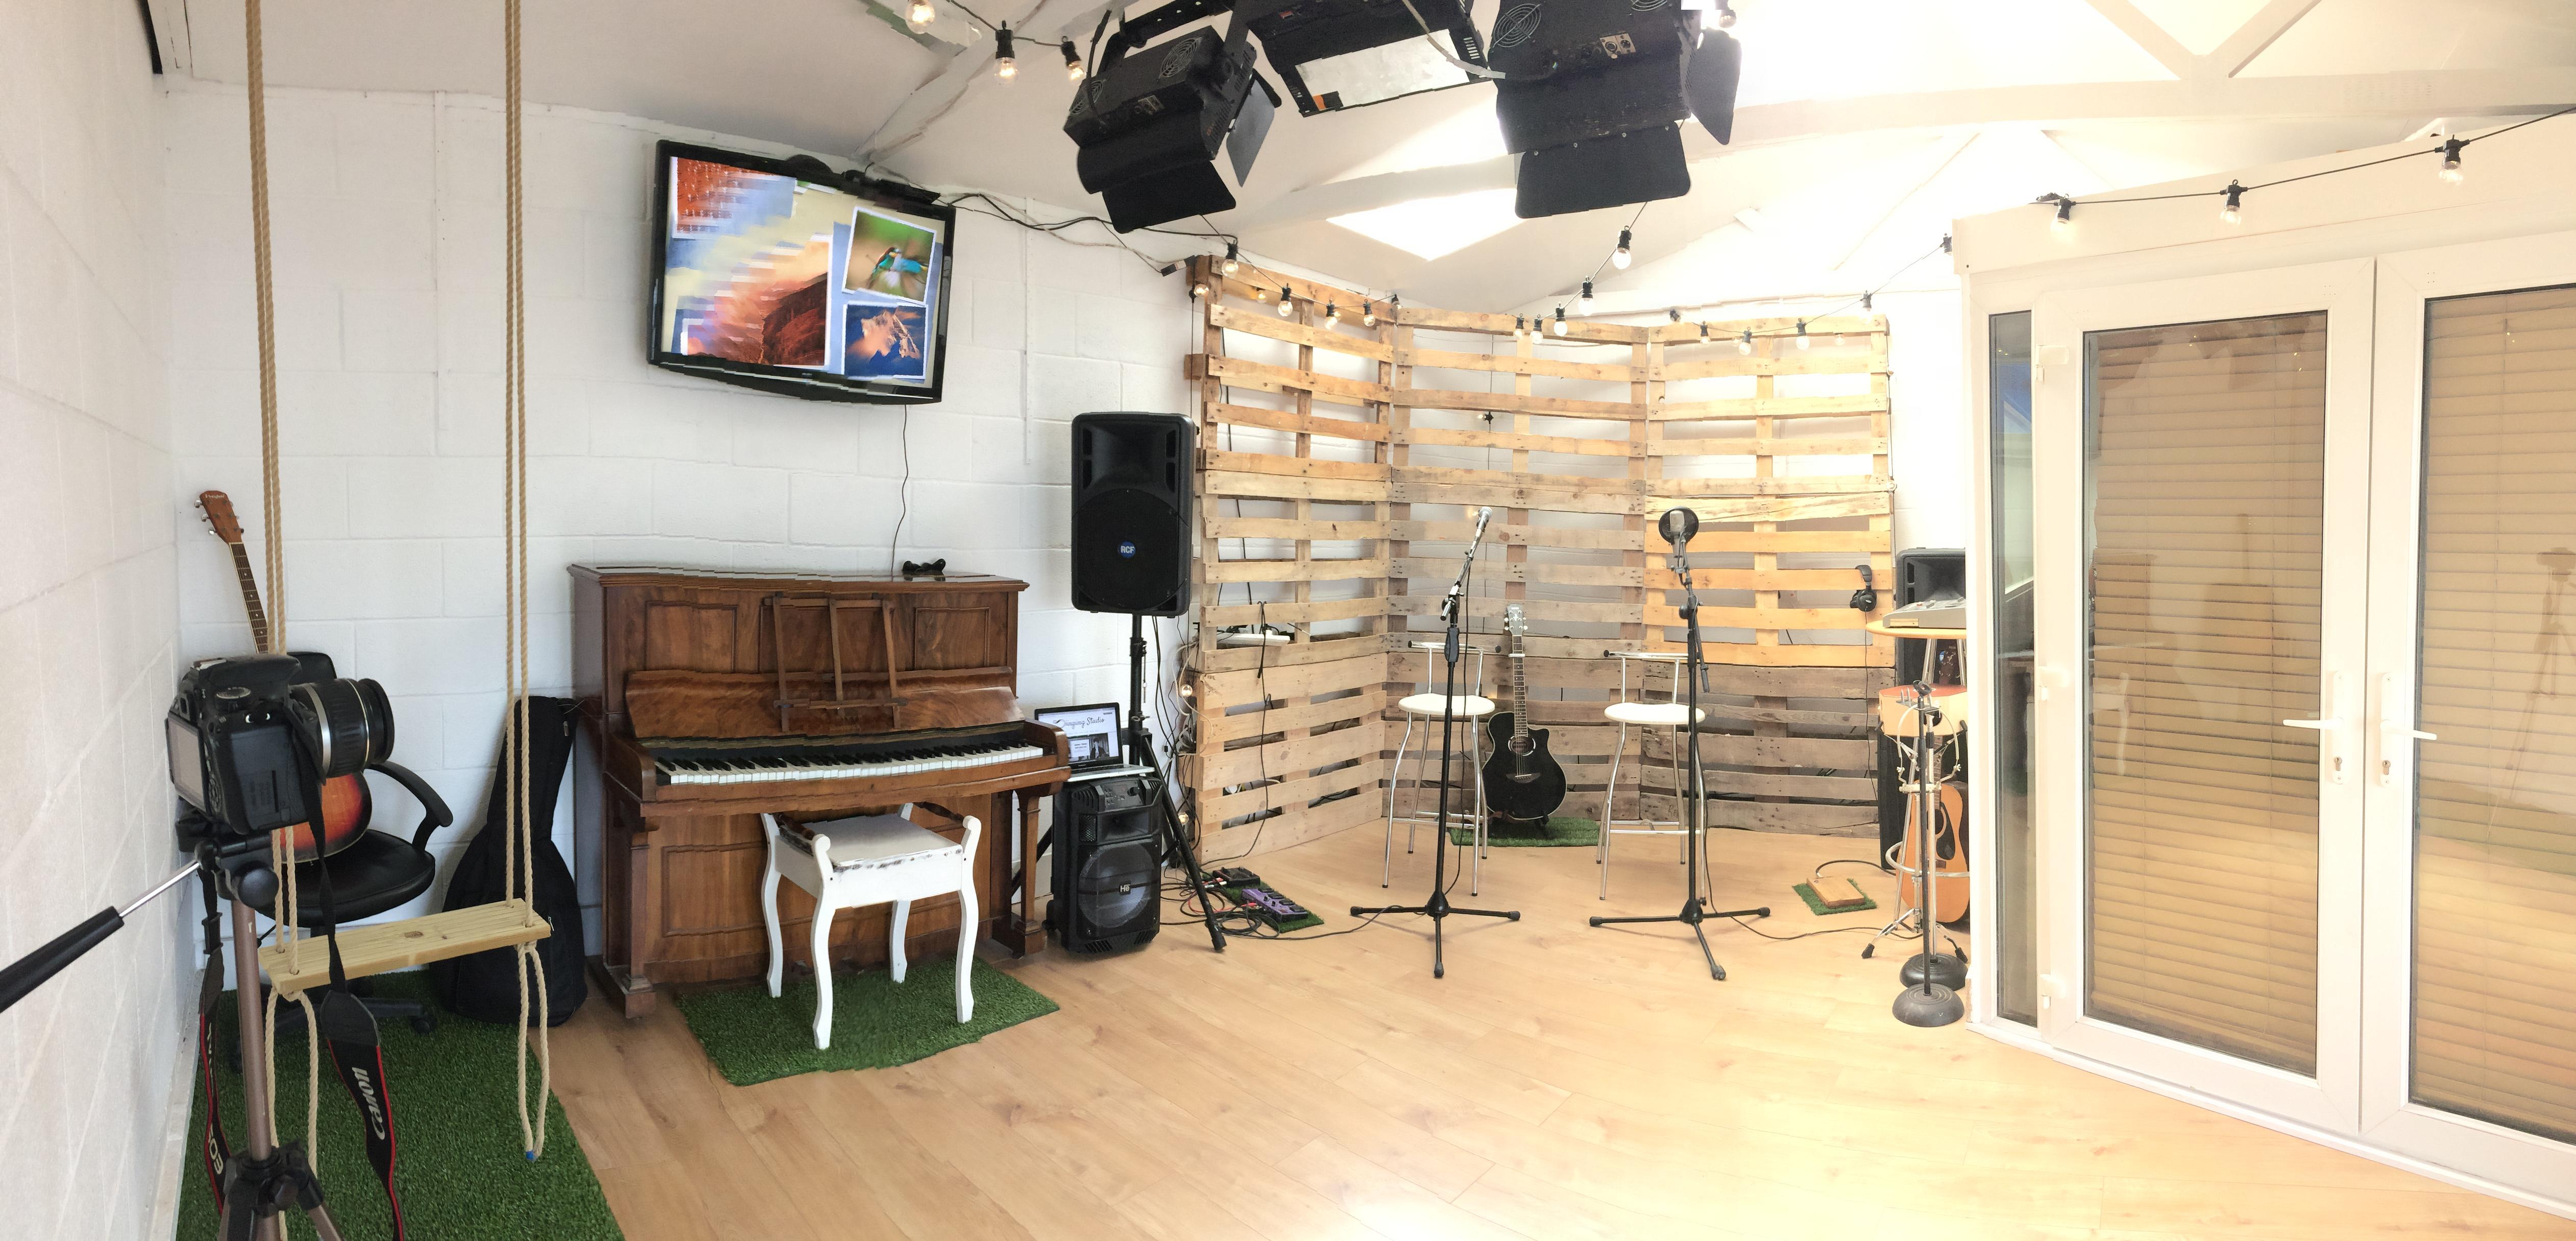 The singing studio